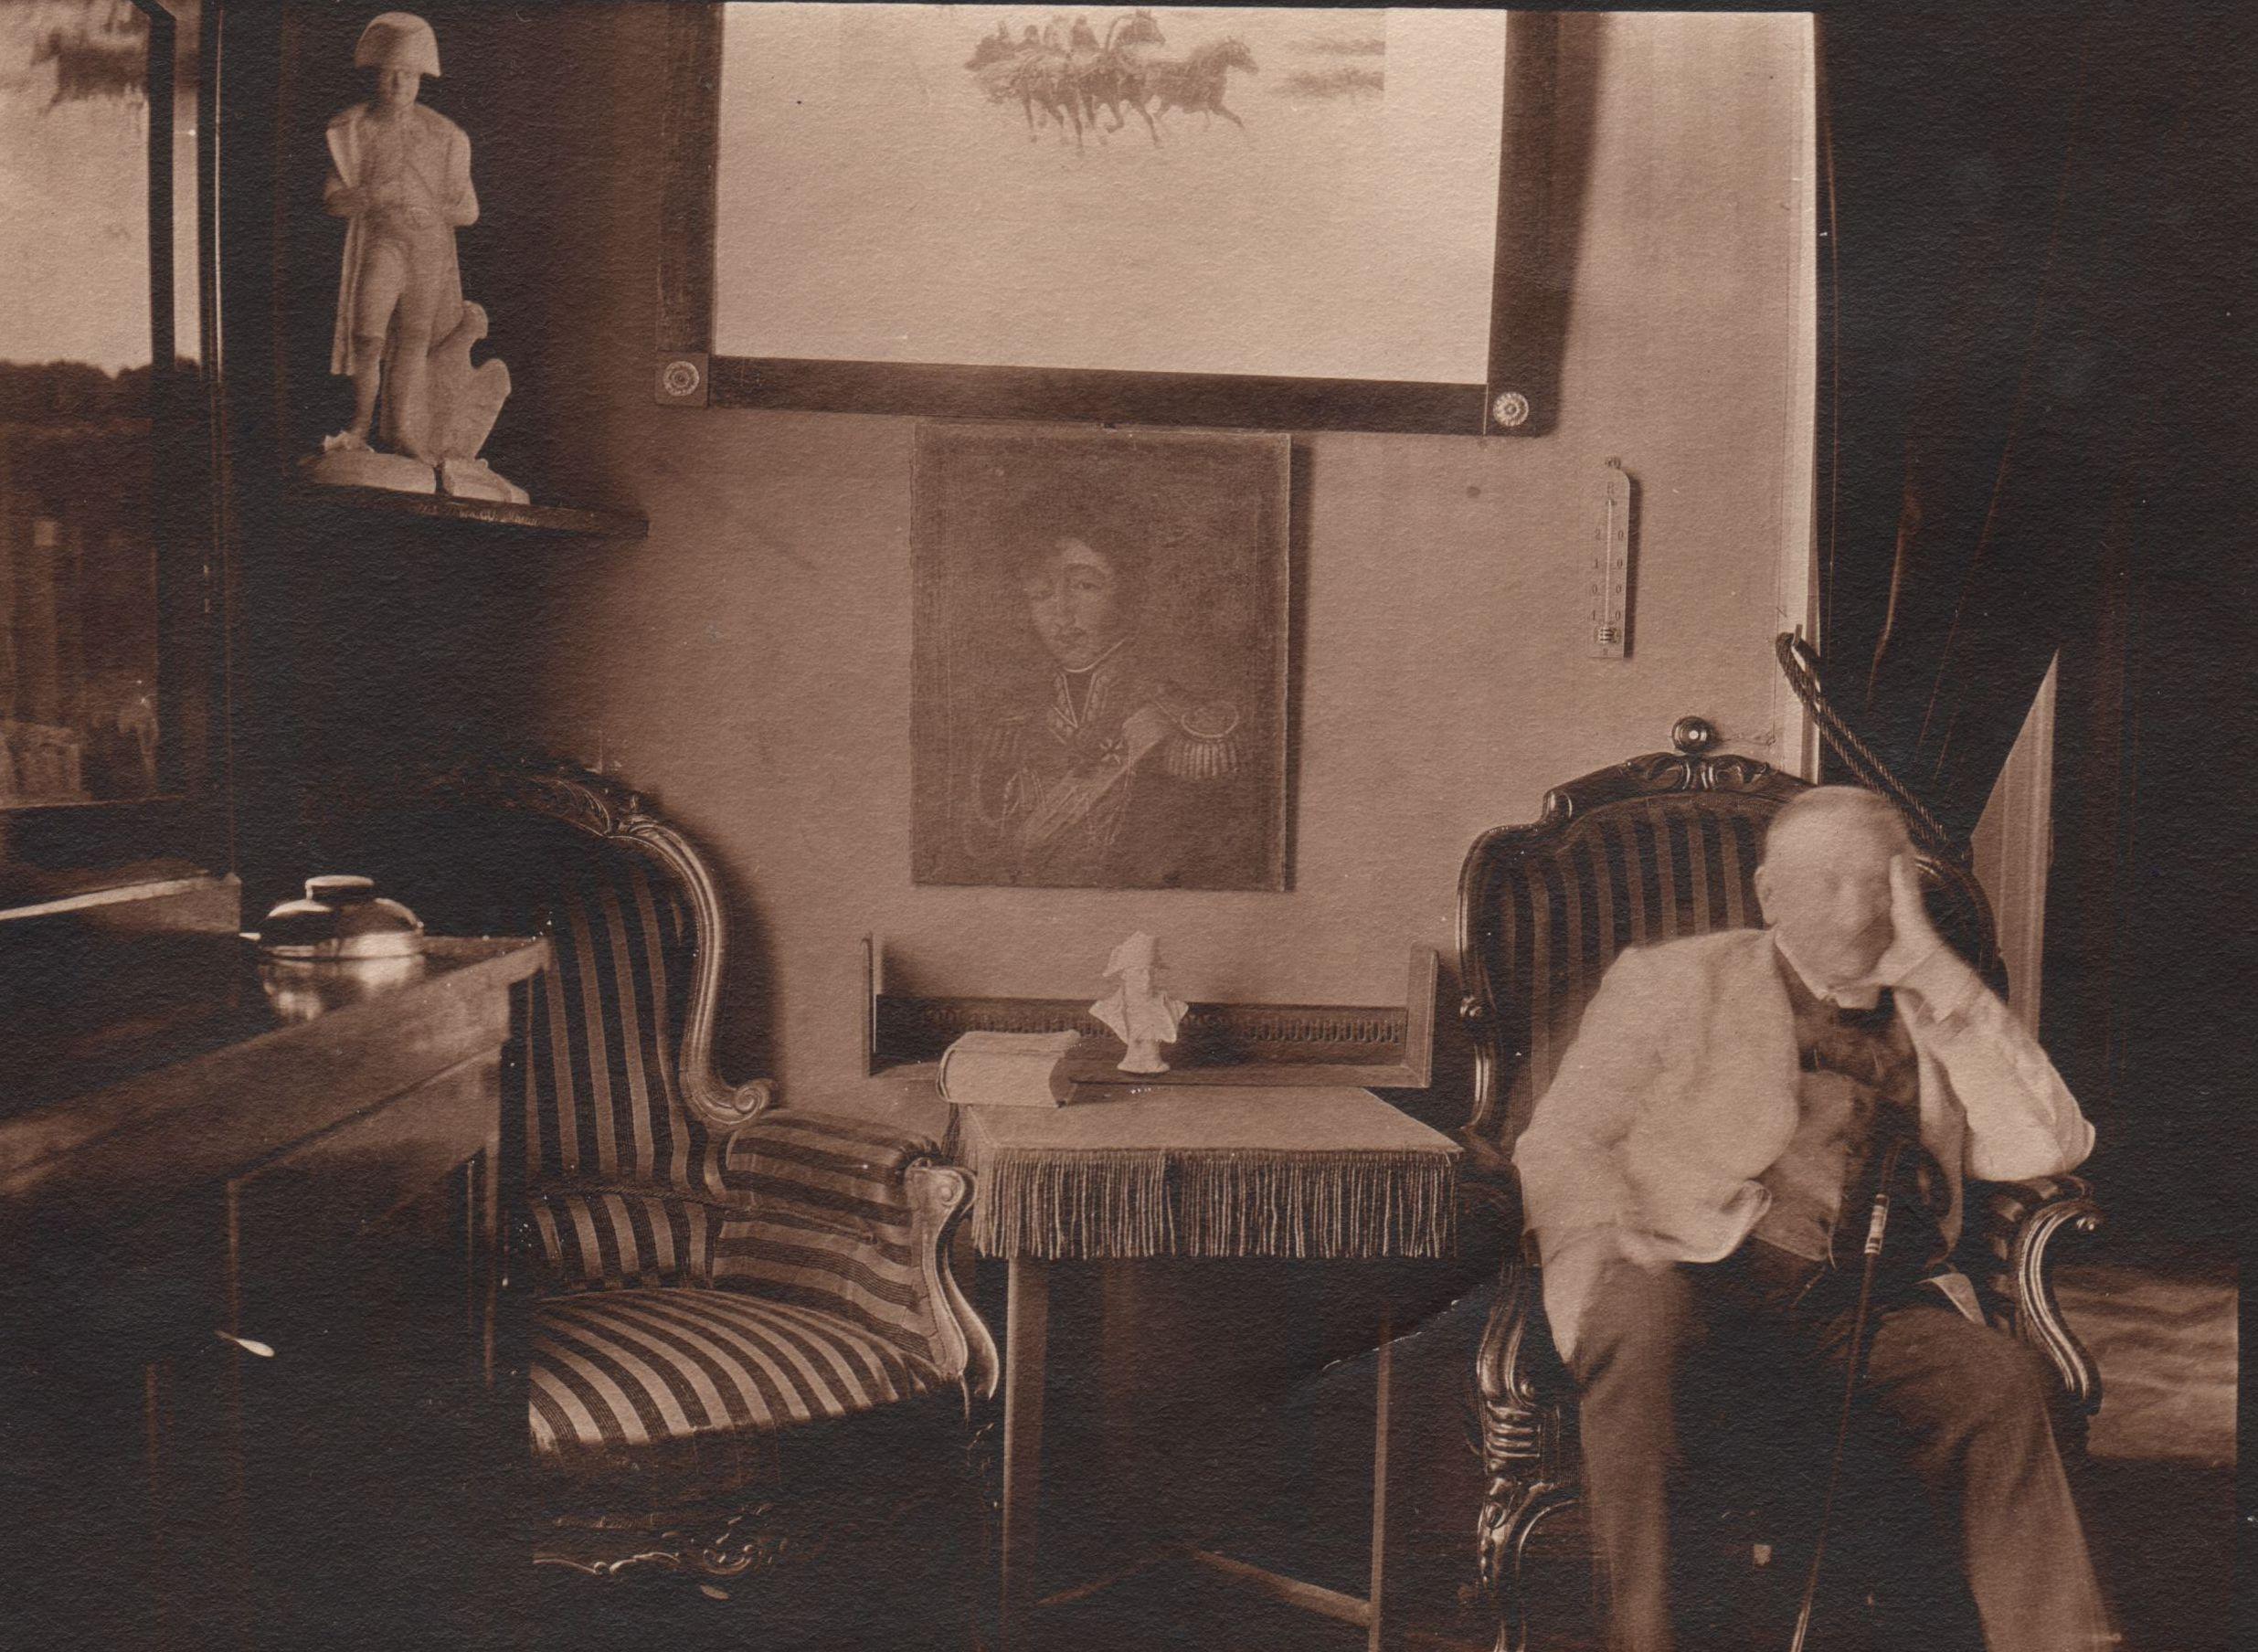 Портрет Ивана Хрисанфовича Колодеева в интерьере усадебного дома в Новоборисове. 1912 (?) ГАРФ. Публикуется впервые